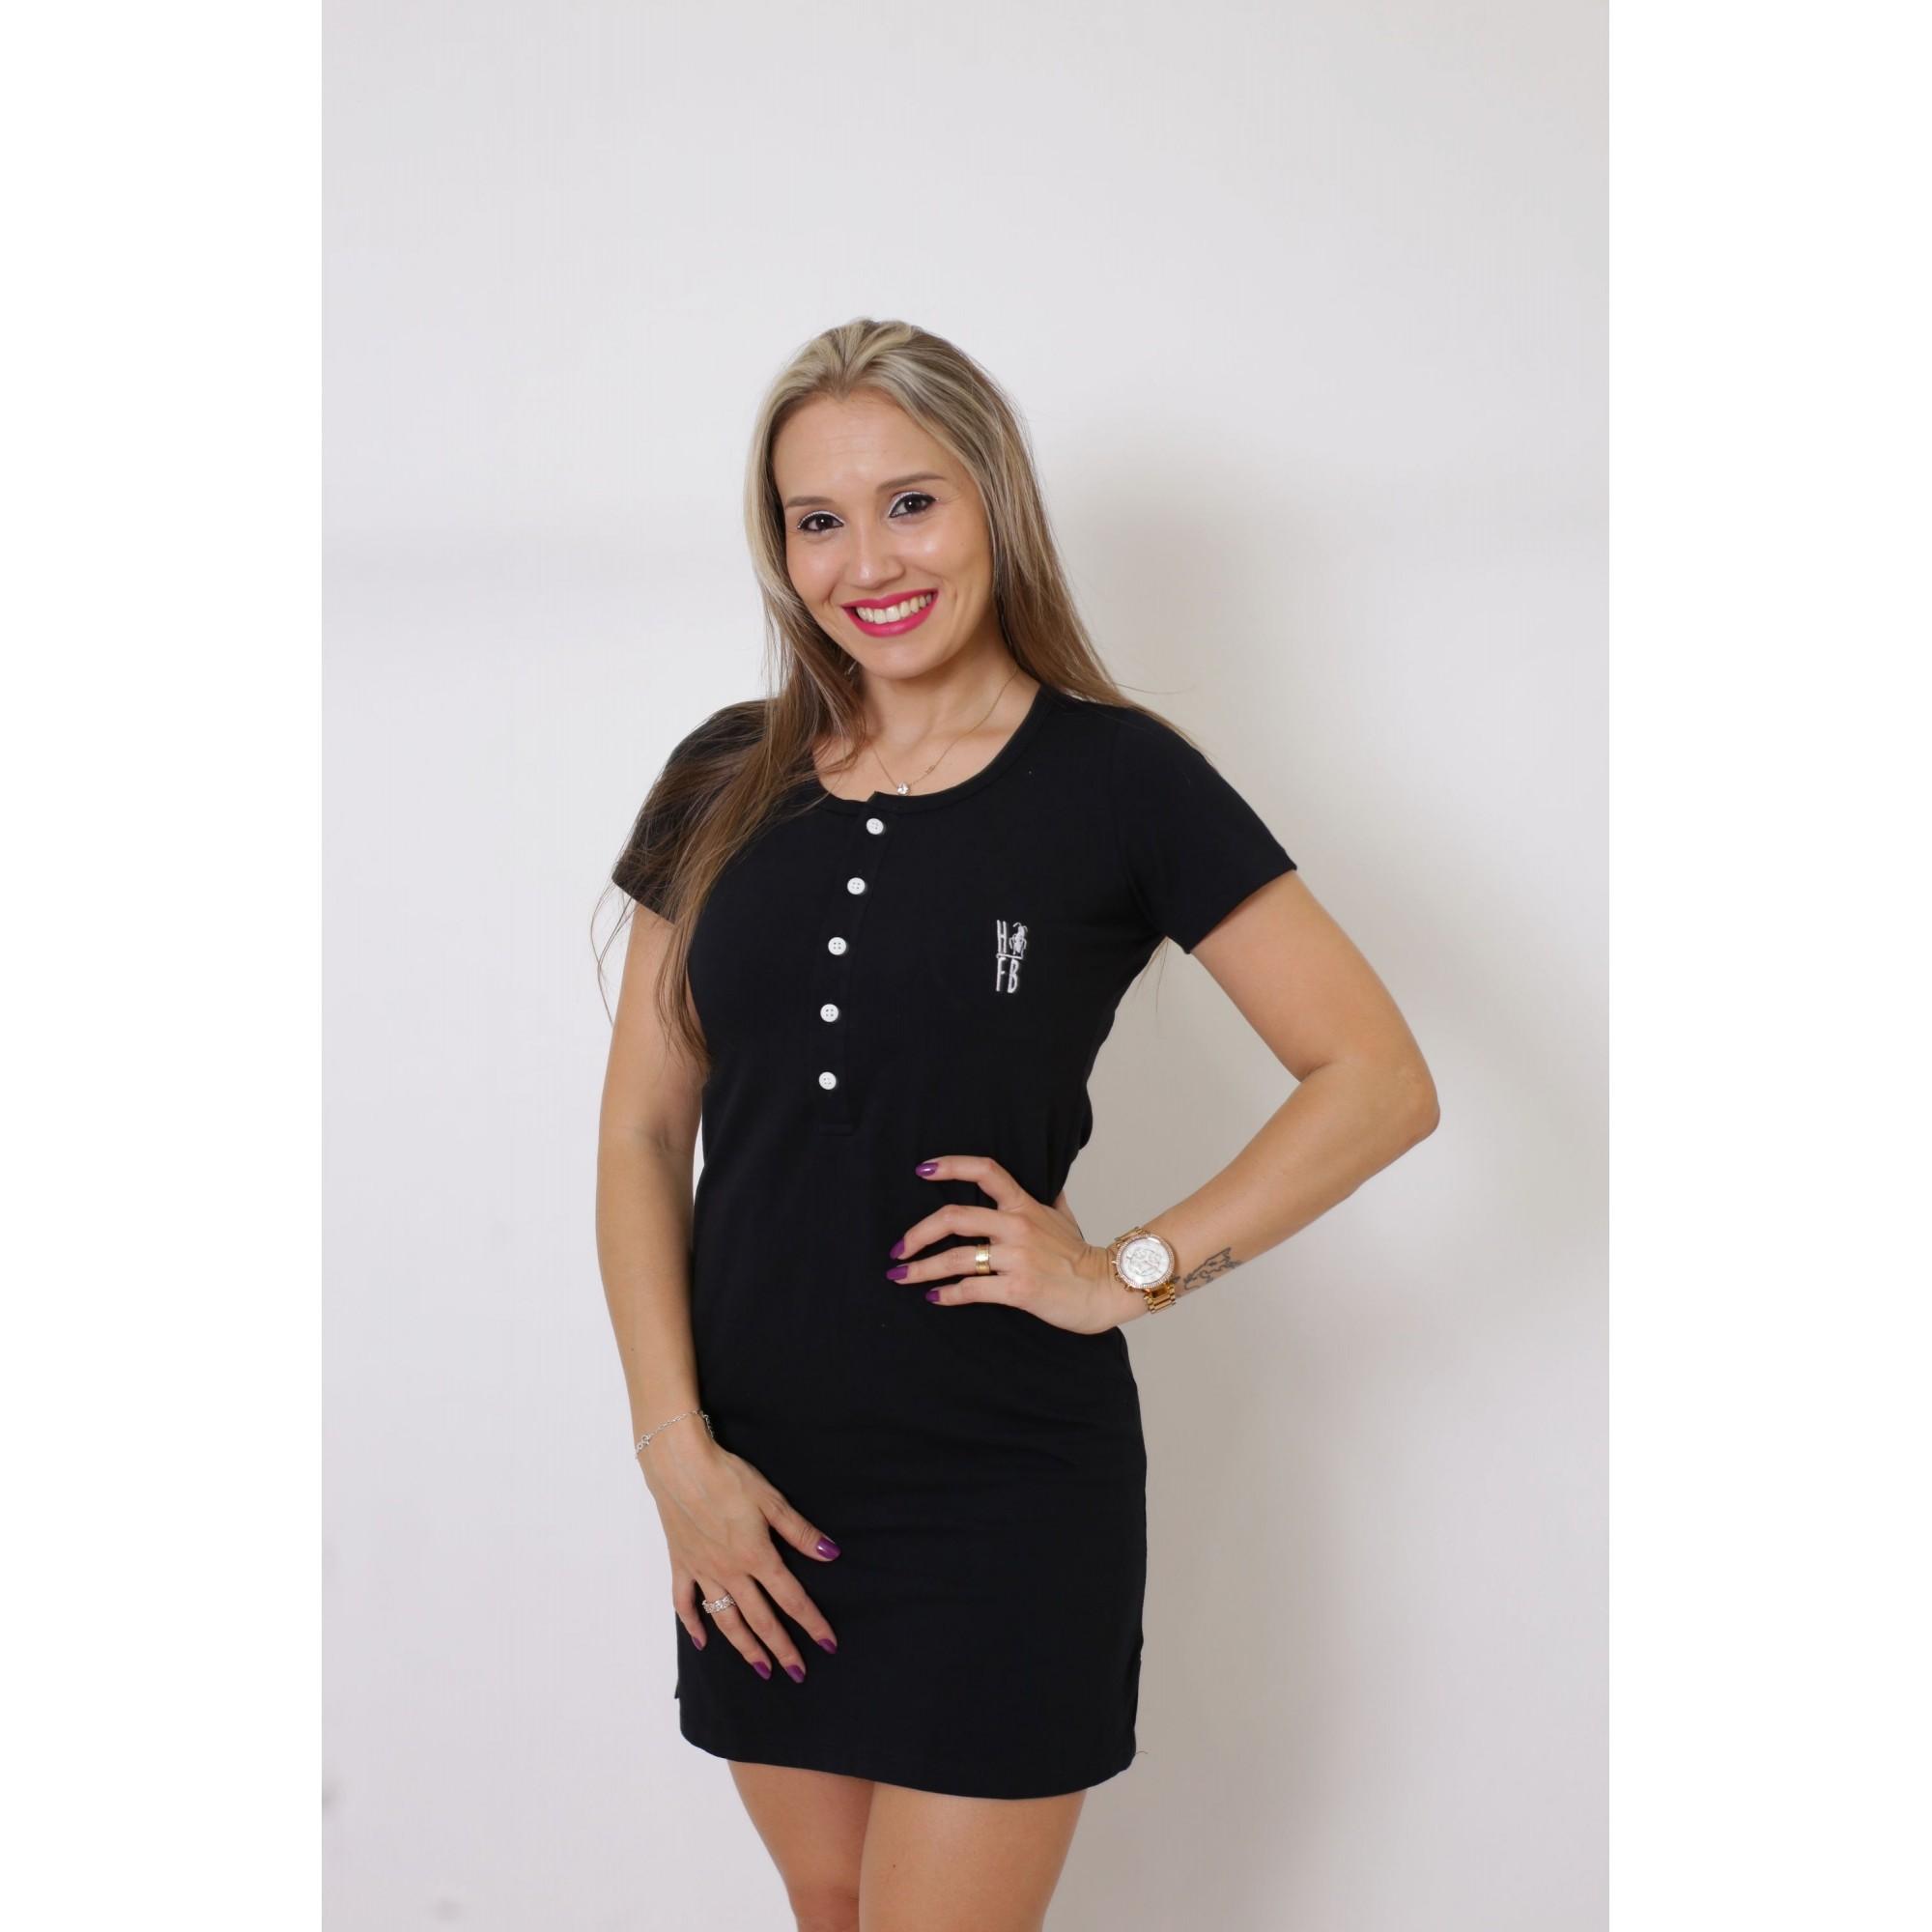 PAIS E FILHOS > Kit 3 Peças T-Shirt + Vestido + t-Shirt Unissex ou Body Infantil Henley - Preto [Coleção Família]  - Heitor Fashion Brazil